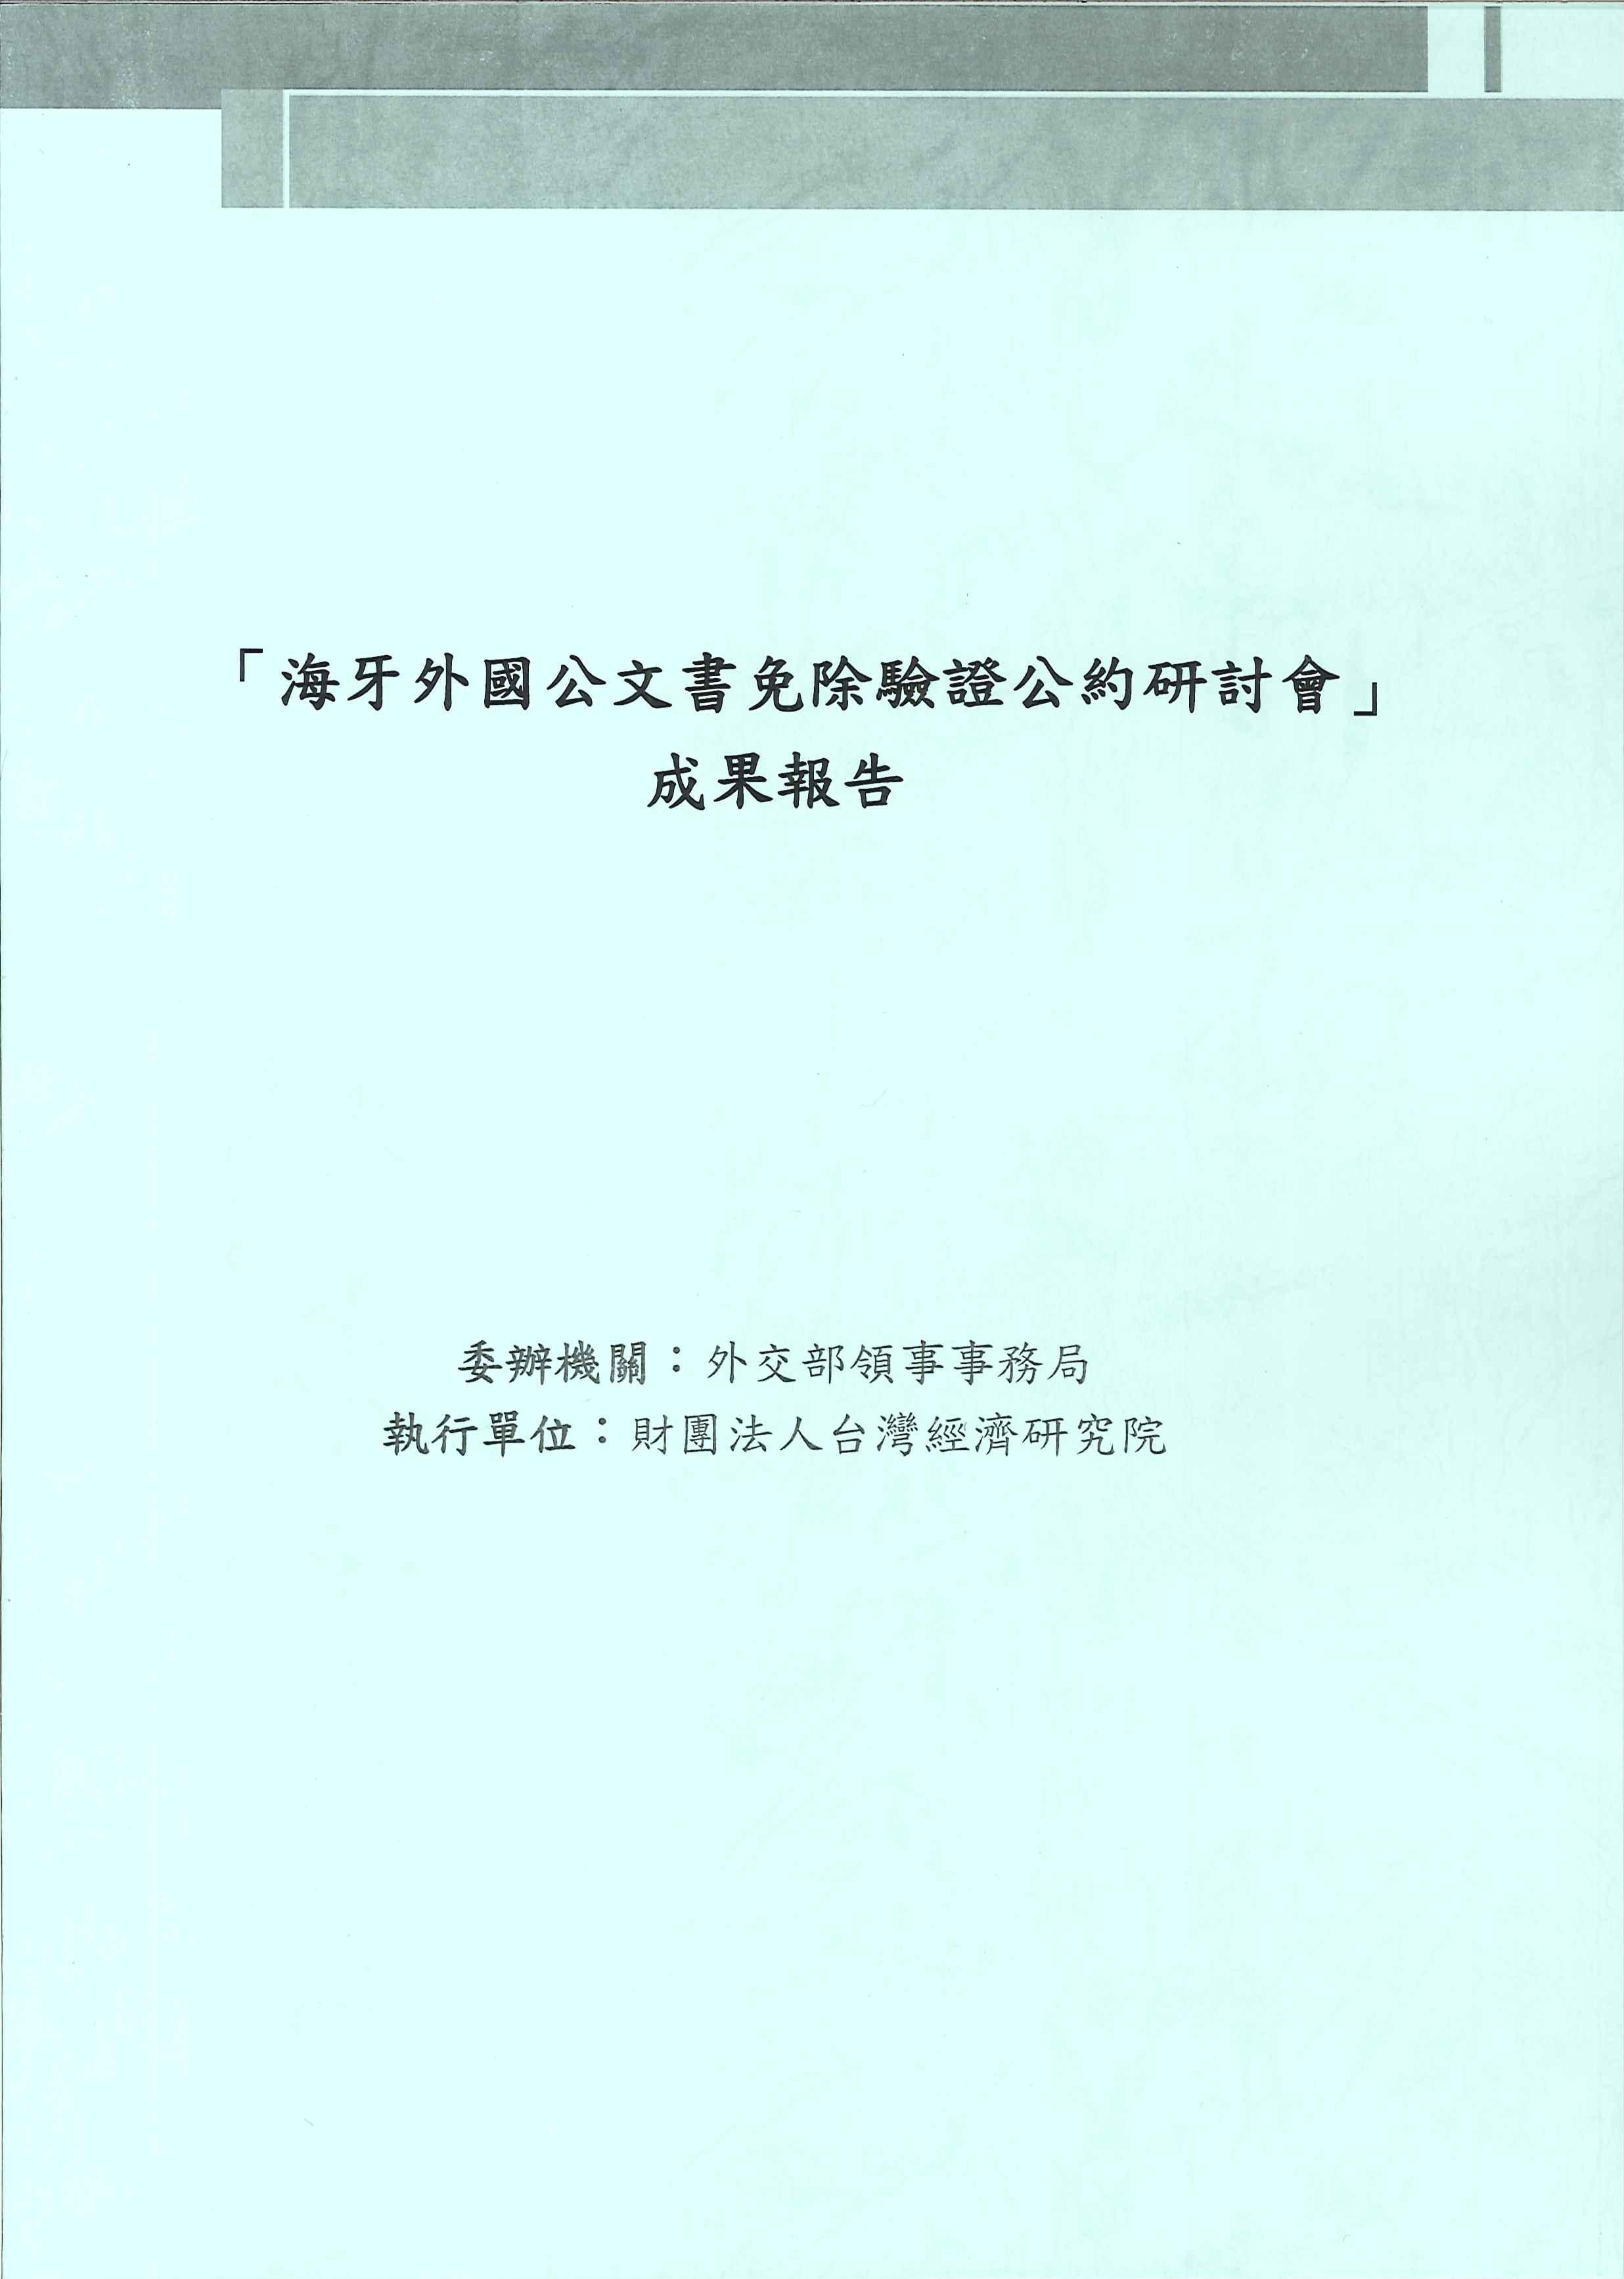 「海牙外國公文書免除驗證公約研討會 」成果報告